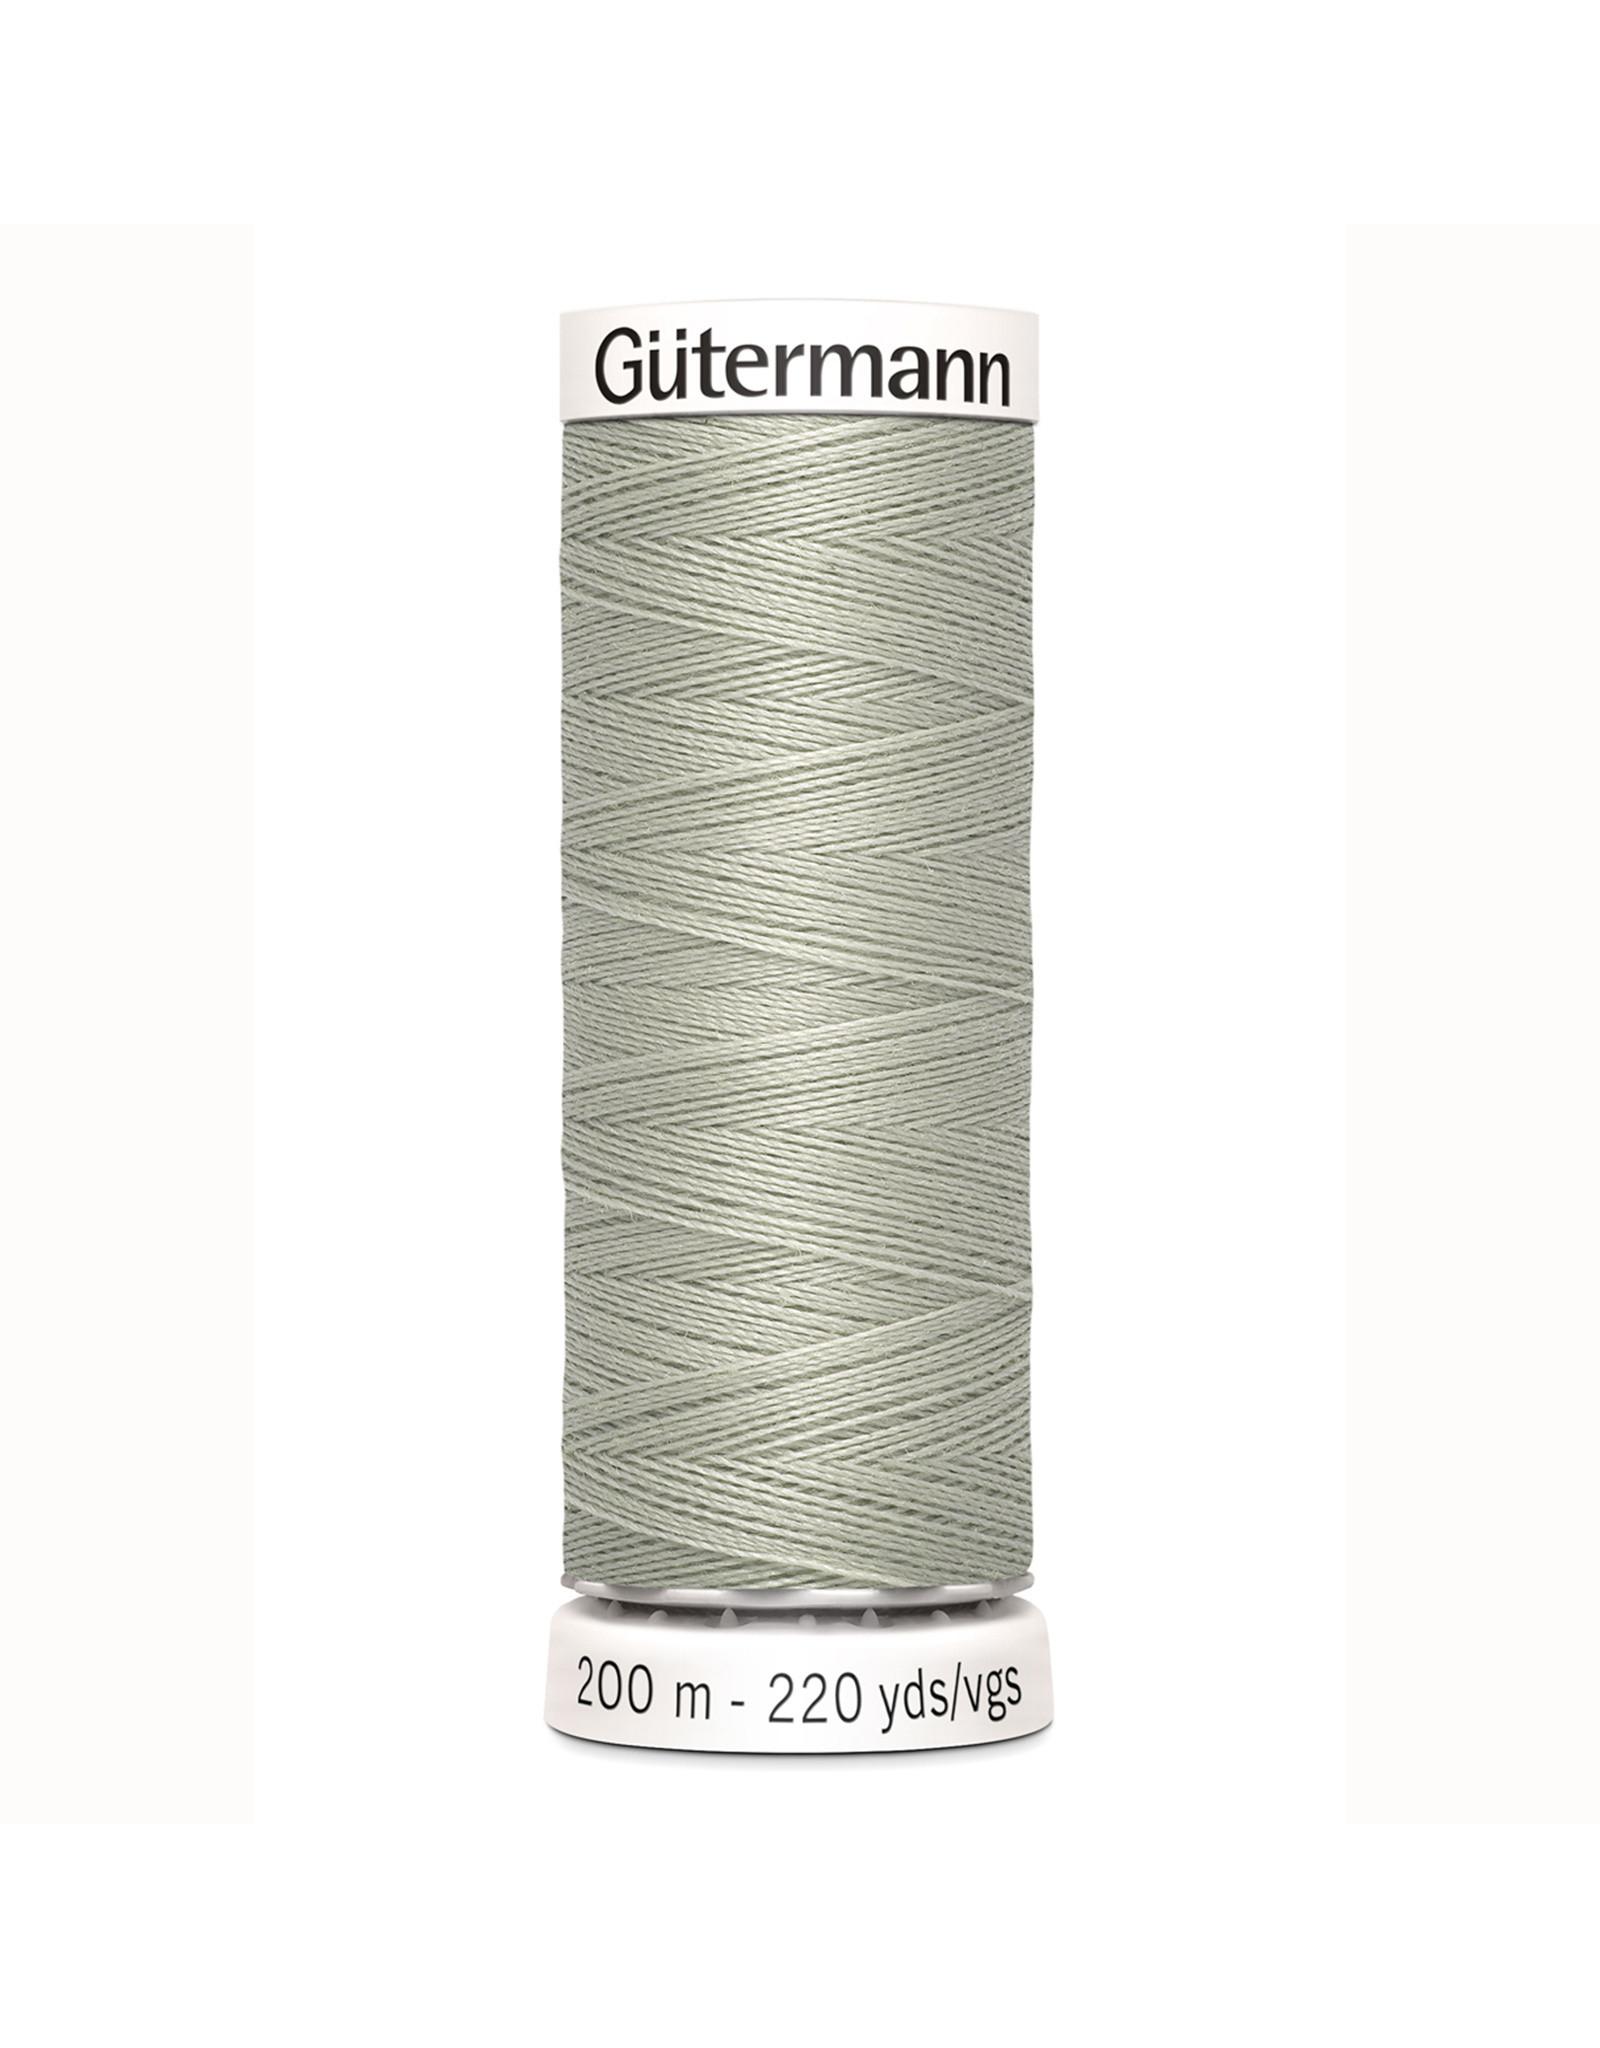 Gütermann Gütermann Sewing Thread 200 m - nr 633